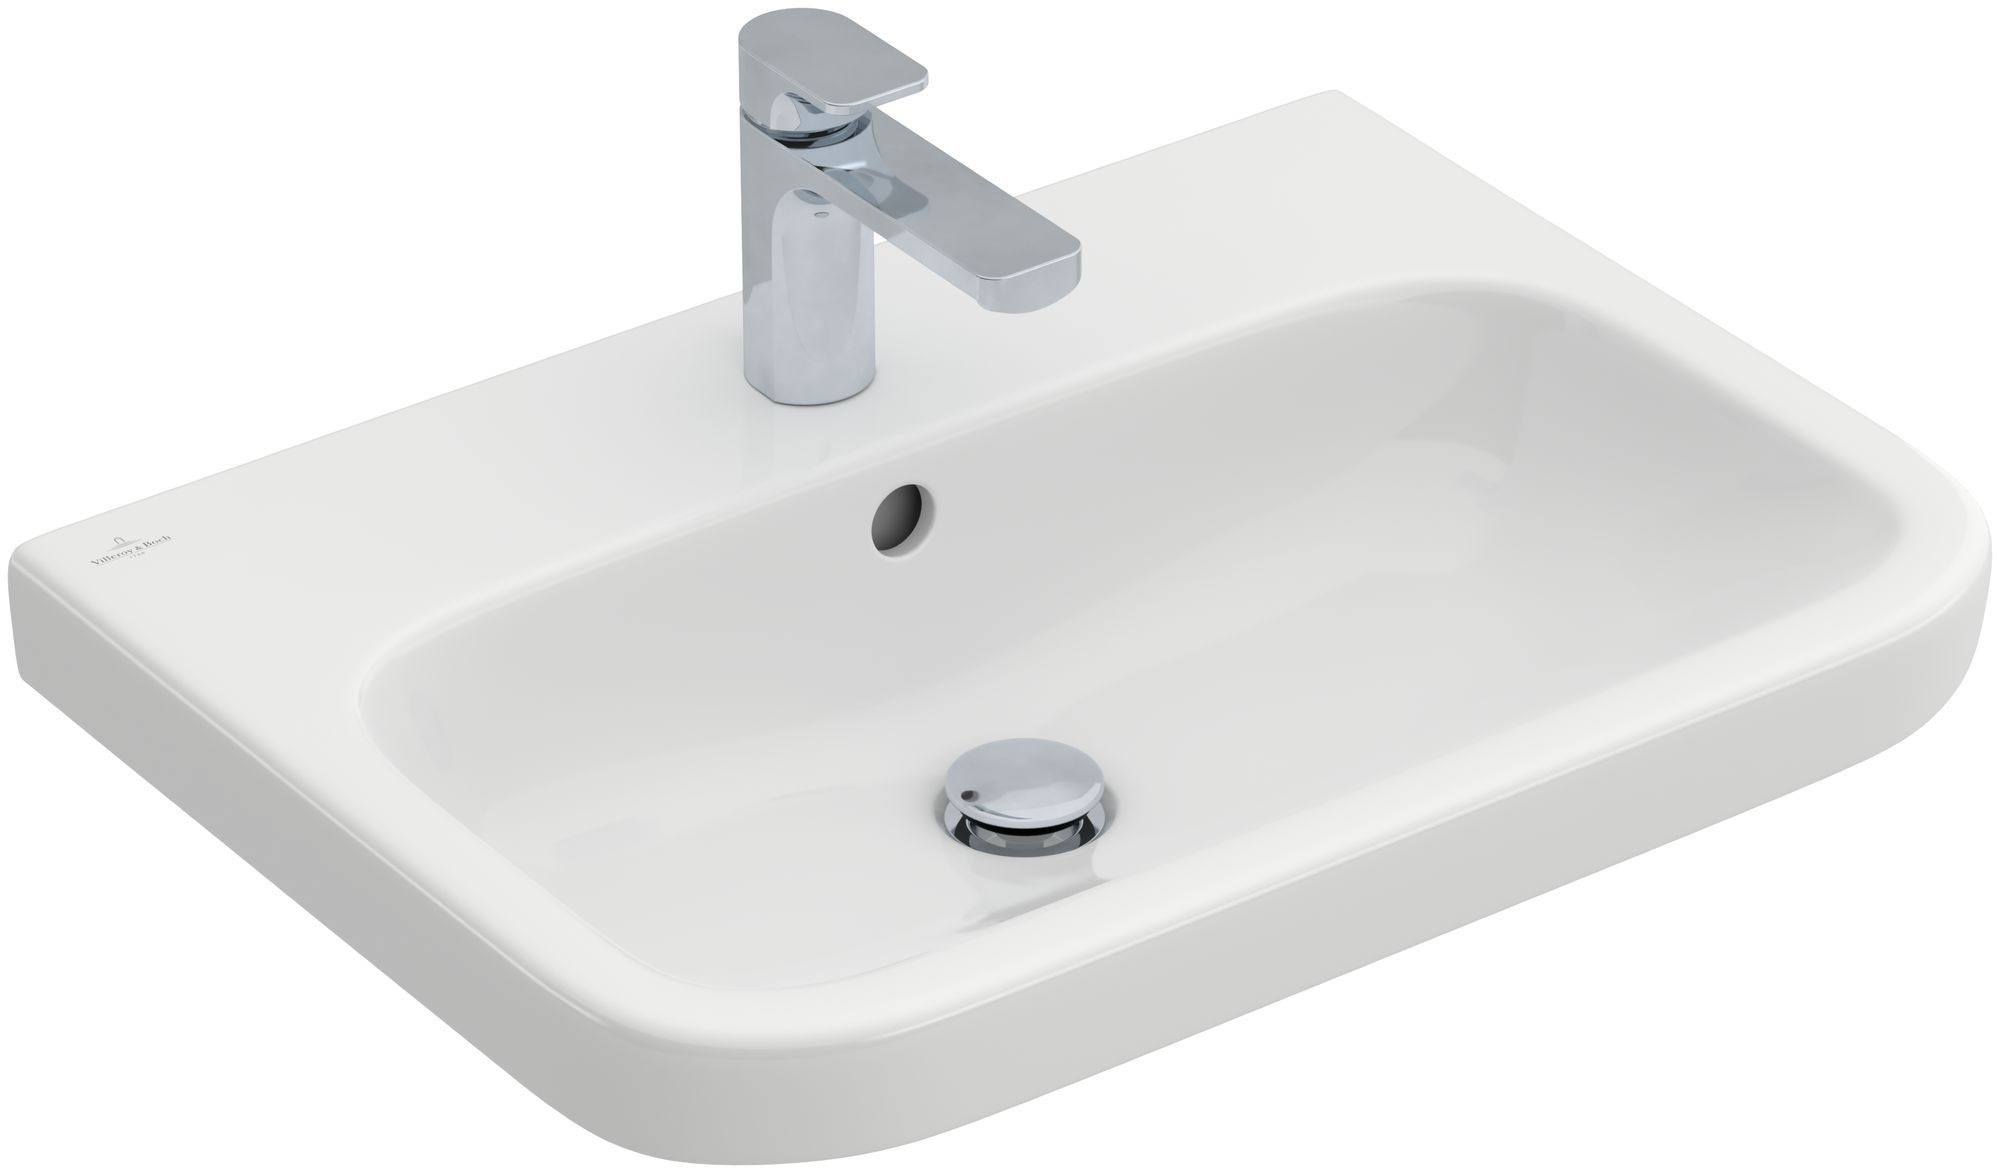 Villeroy & Boch Architectura Waschtisch B:65xT:47cm mit 1 Hahnloch mit Überlauf weiß mit CeramicPlus 418865R1